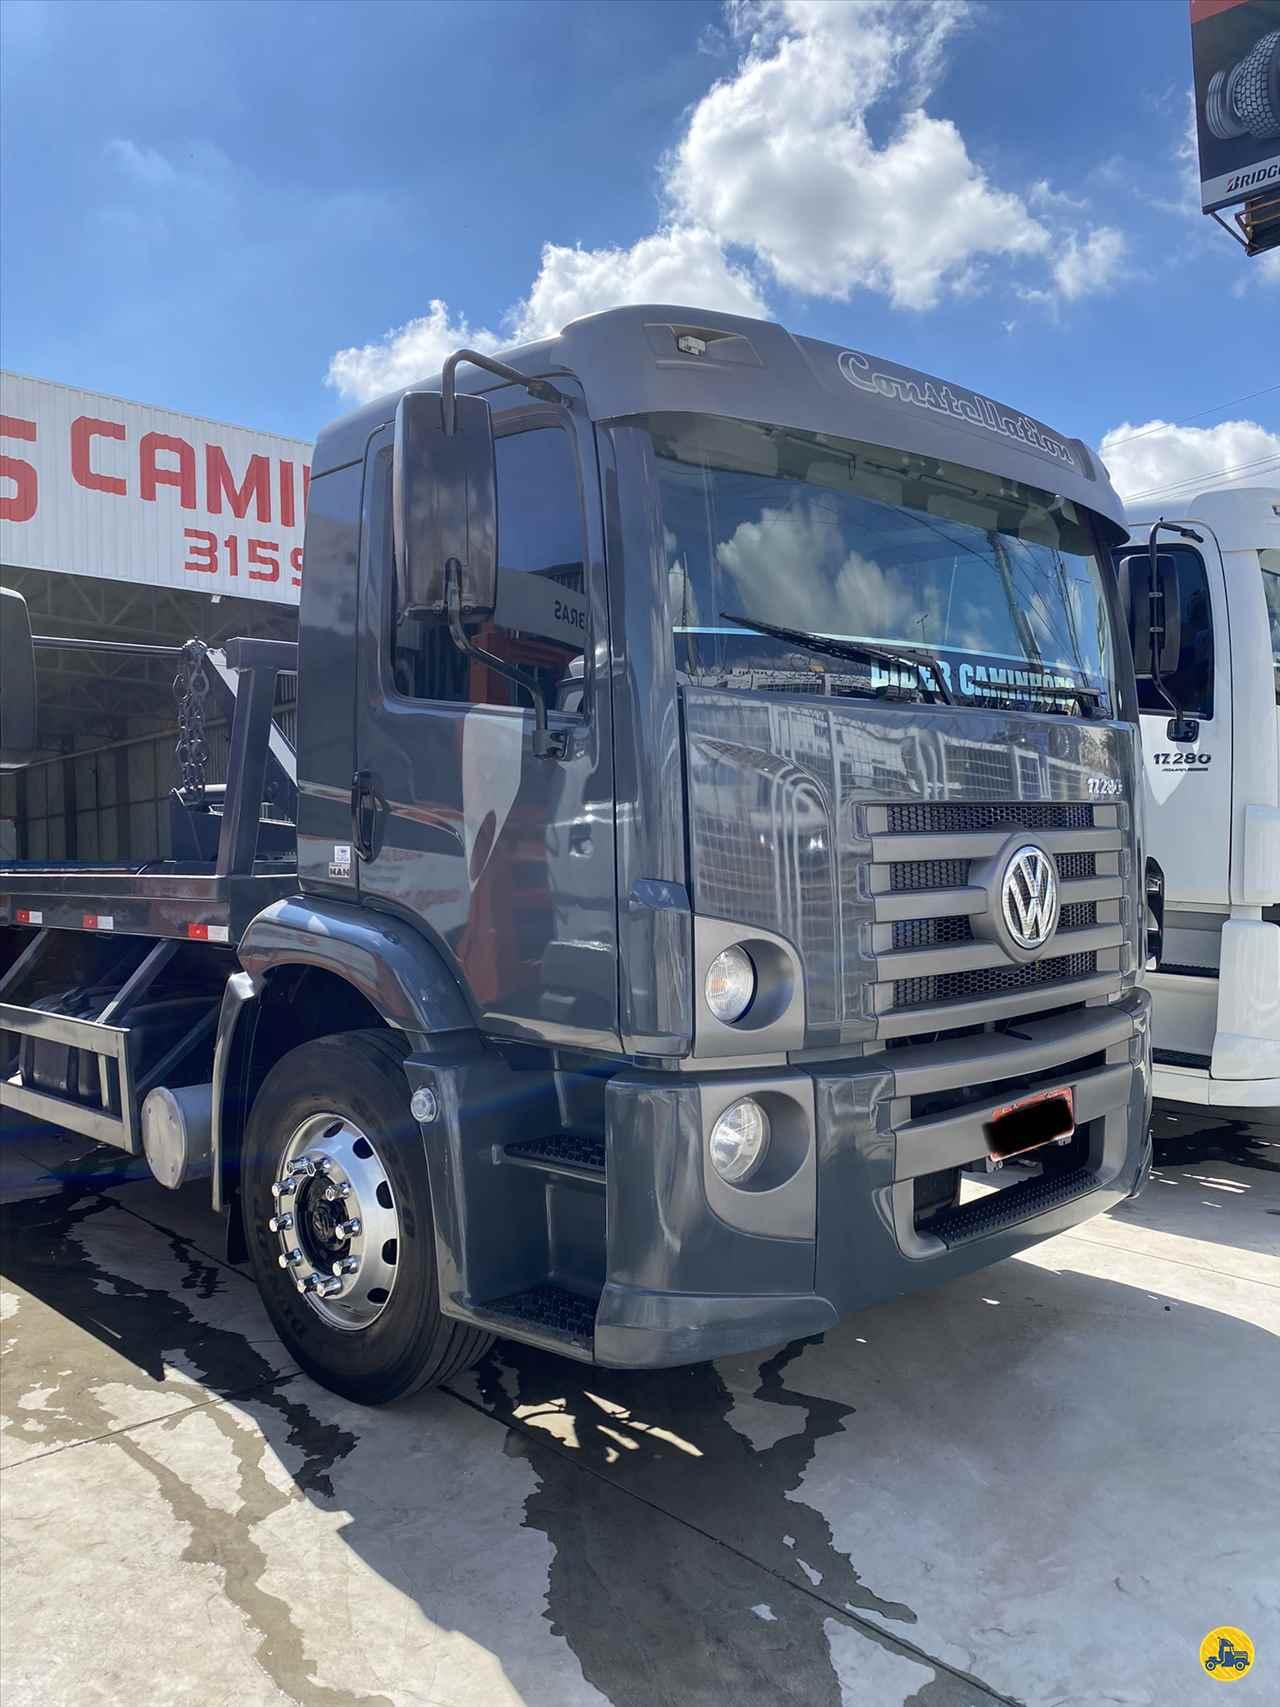 CAMINHAO VOLKSWAGEN VW 17280 Poliguindaste Toco 4x2 Amazonas Caminhões BELO HORIZONTE MINAS GERAIS MG